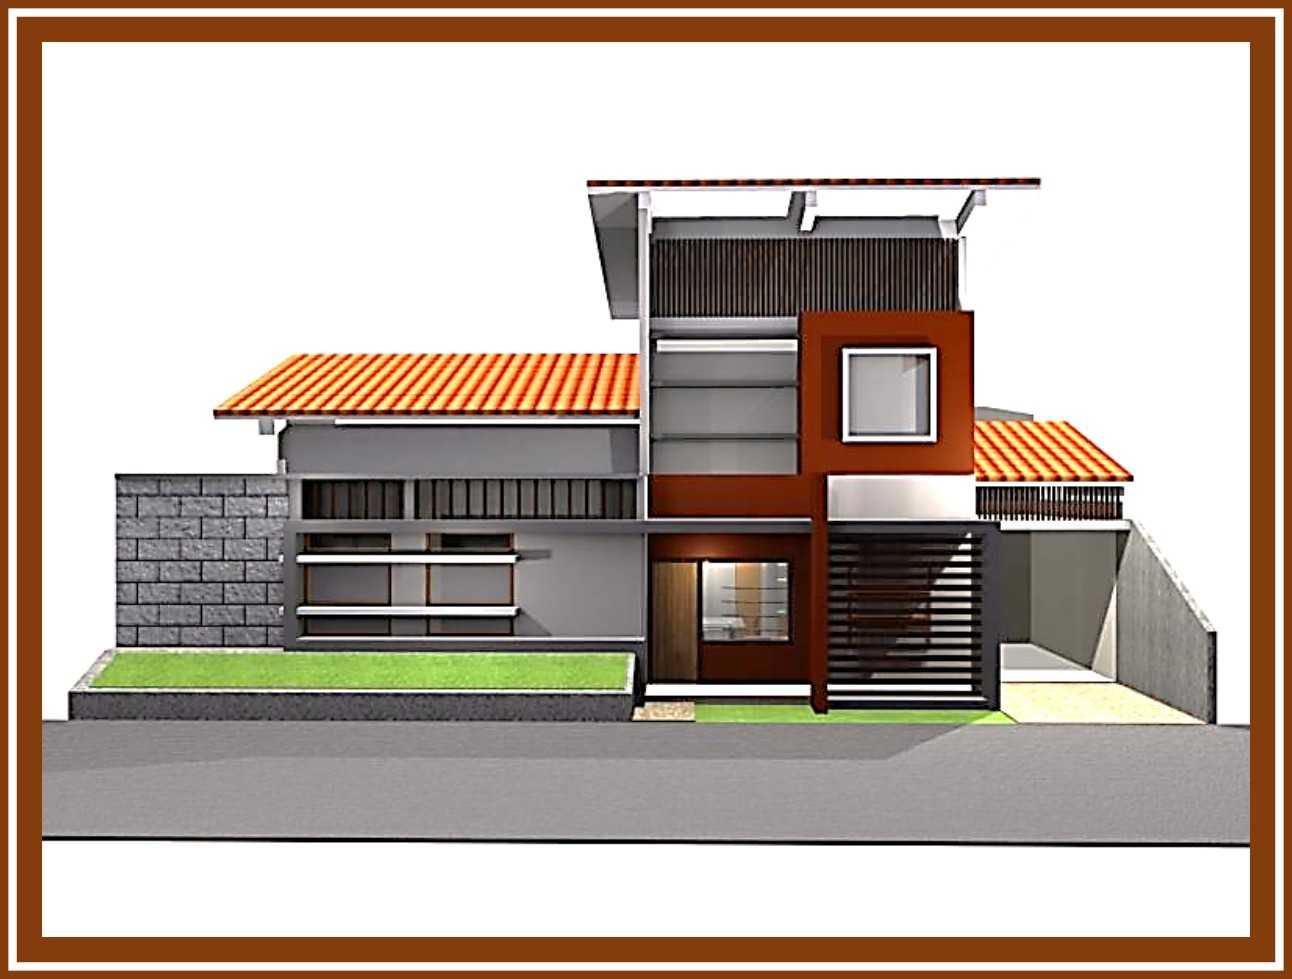 Ideall Design Renovasi Rumah Mezzanine Kec. Pondokgede, Kota Bks, Jawa Barat, Indonesia Kec. Pondokgede, Kota Bks, Jawa Barat, Indonesia Ideall-Design-When-A-Design-Idea-Becomes-Ideal-Design-For-All-Renovasi-Rumah-Mezzanine  114406